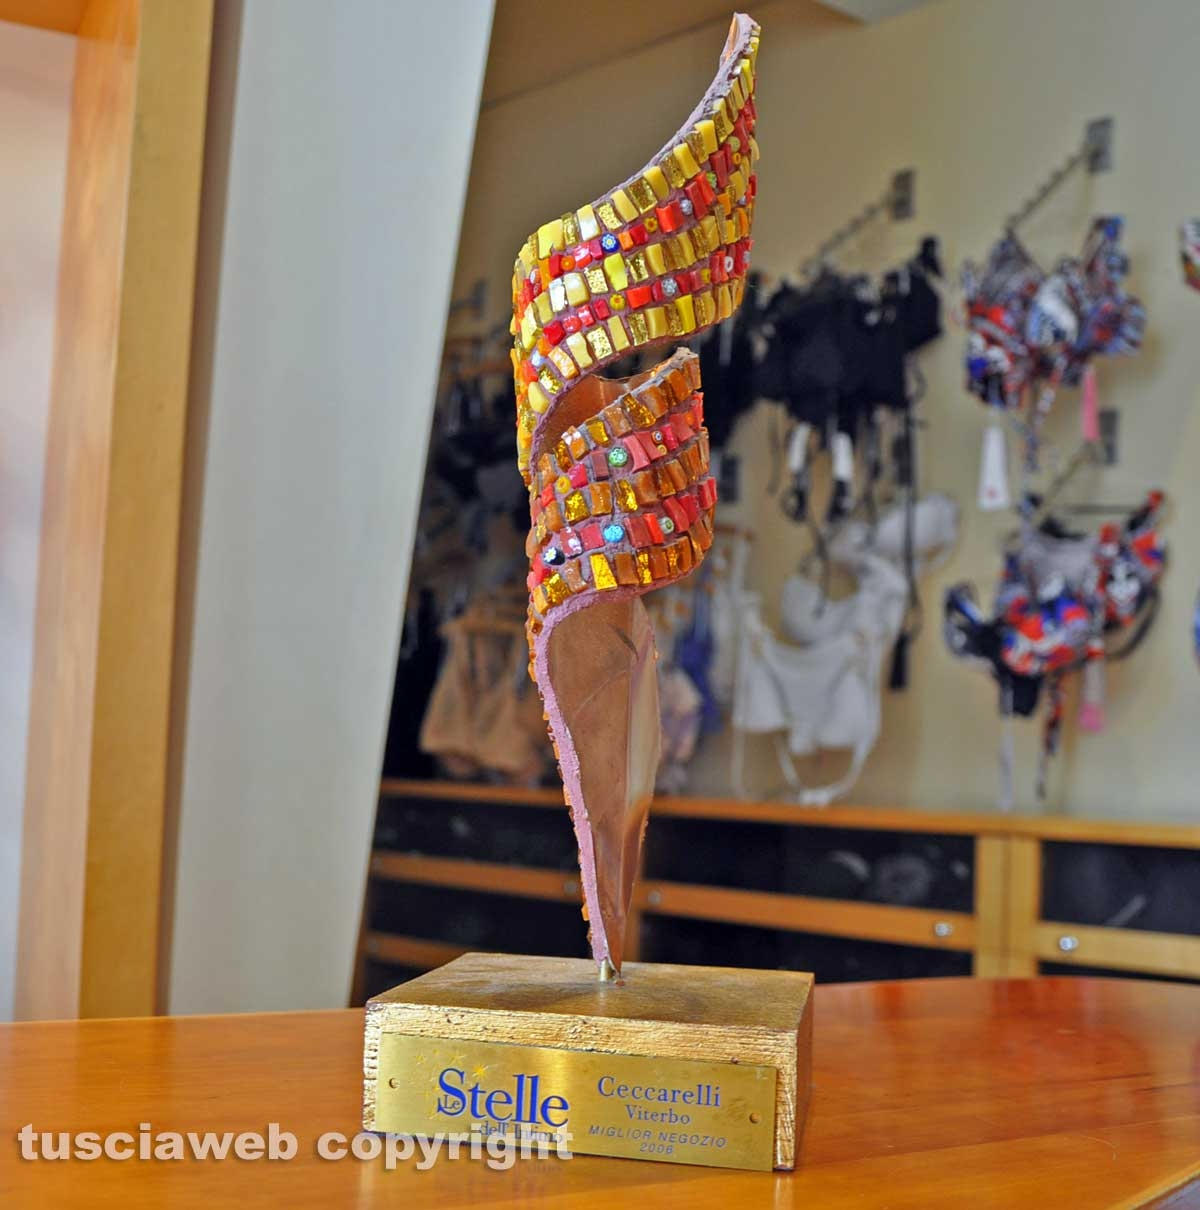 Francesco Lingerie - Premio miglior negozio d'Italia - Milano 2006